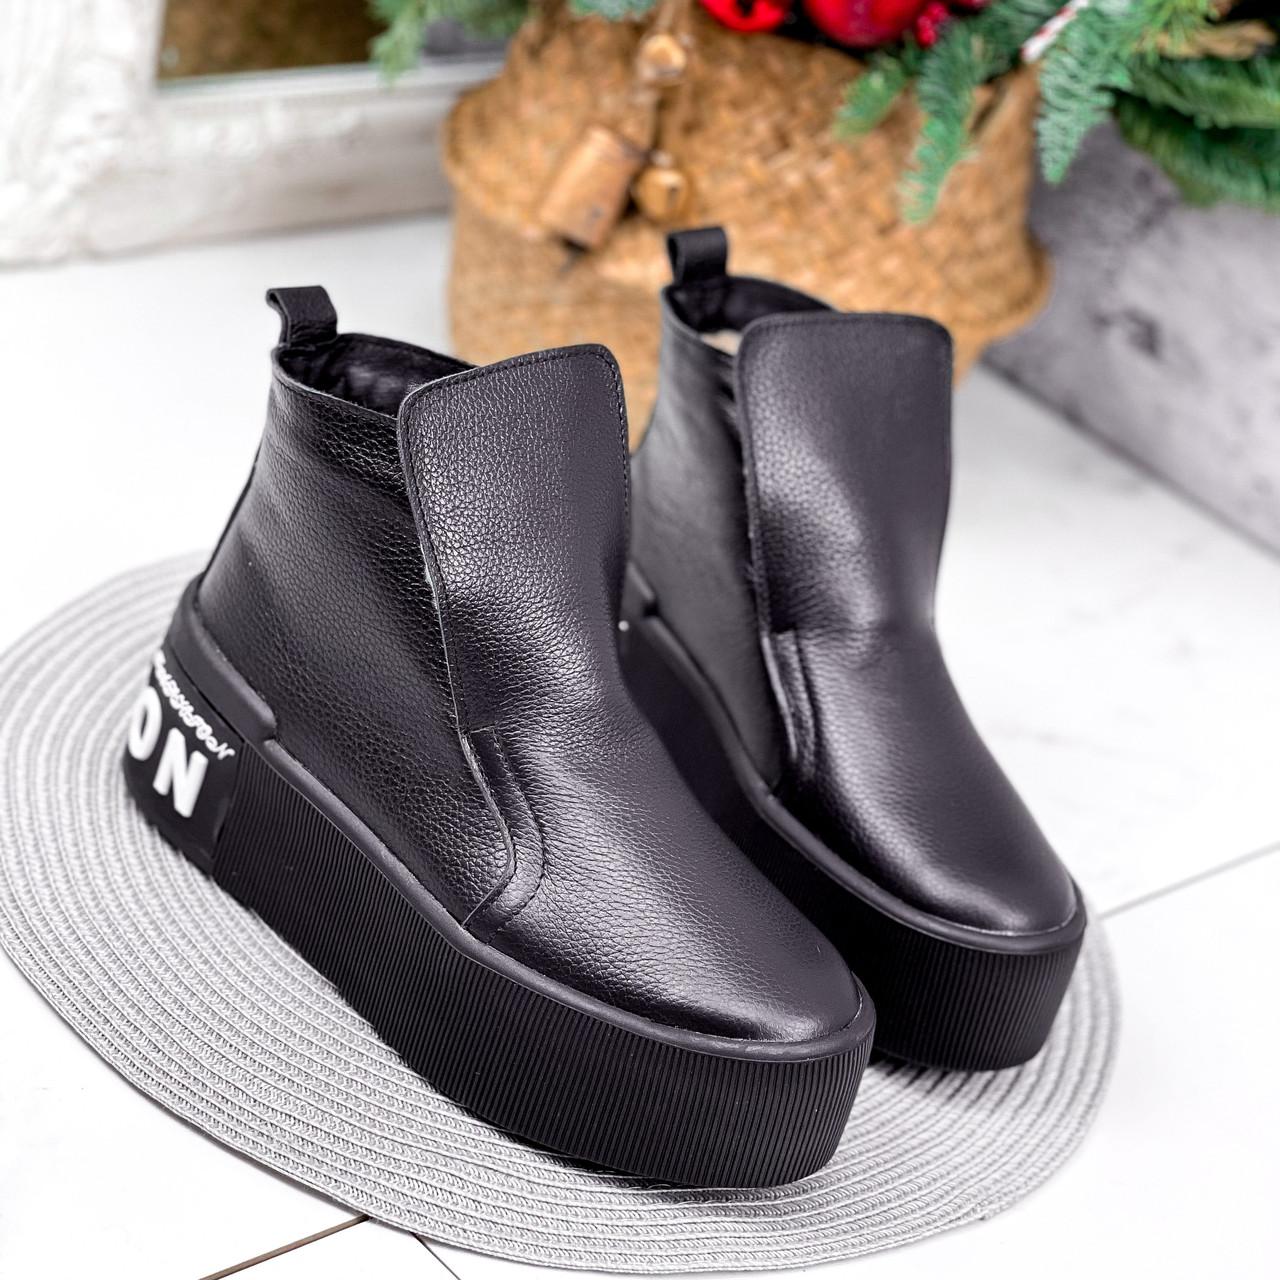 Ботинки женские Alberta черные ЗИМА 2636